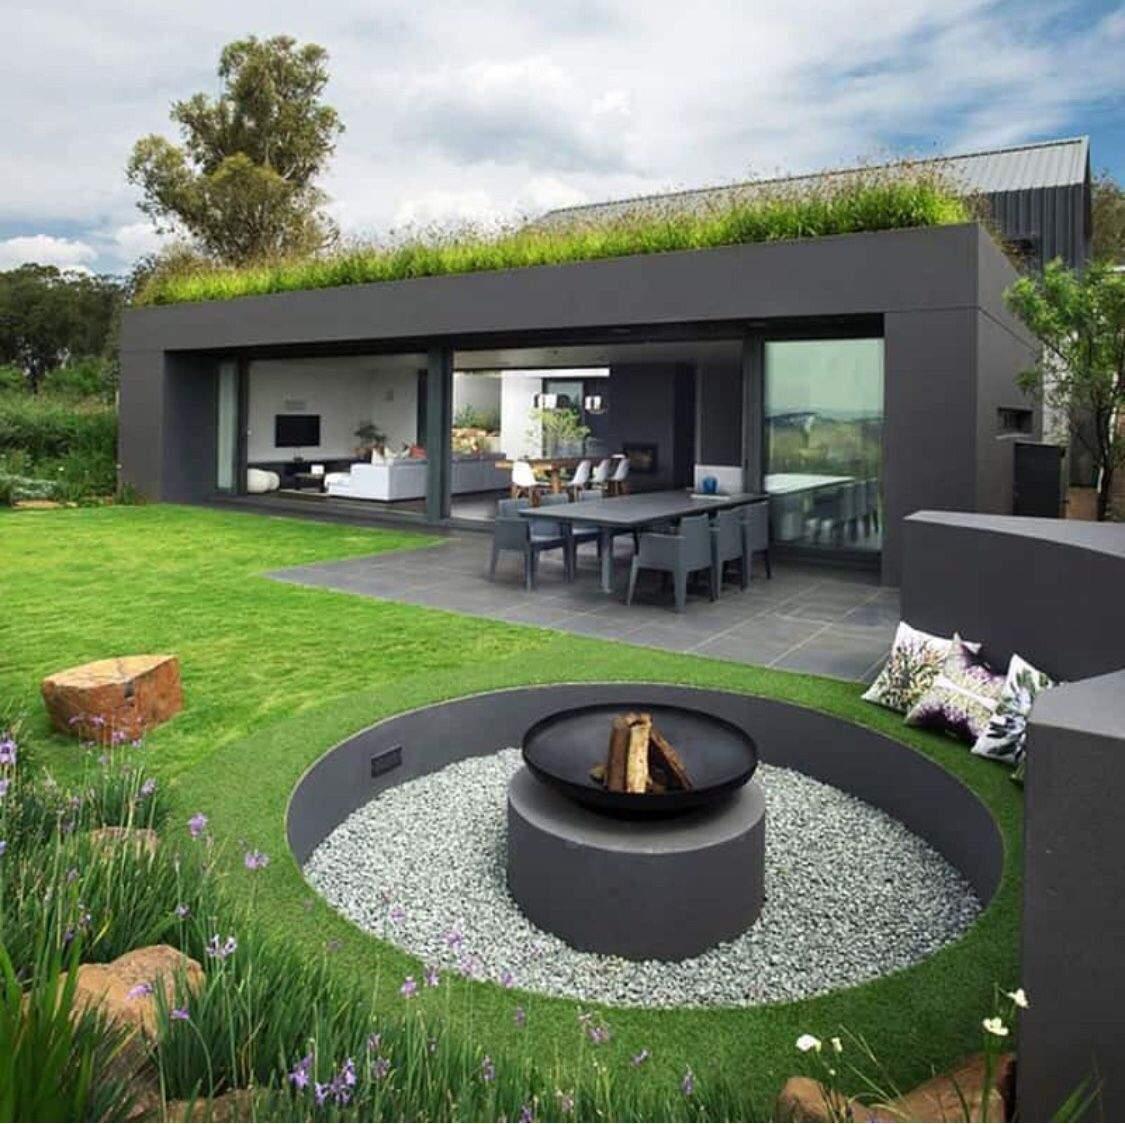 Moderne Feuerstelle Im Garten Frisch Senkgarten Und Feuerstelle